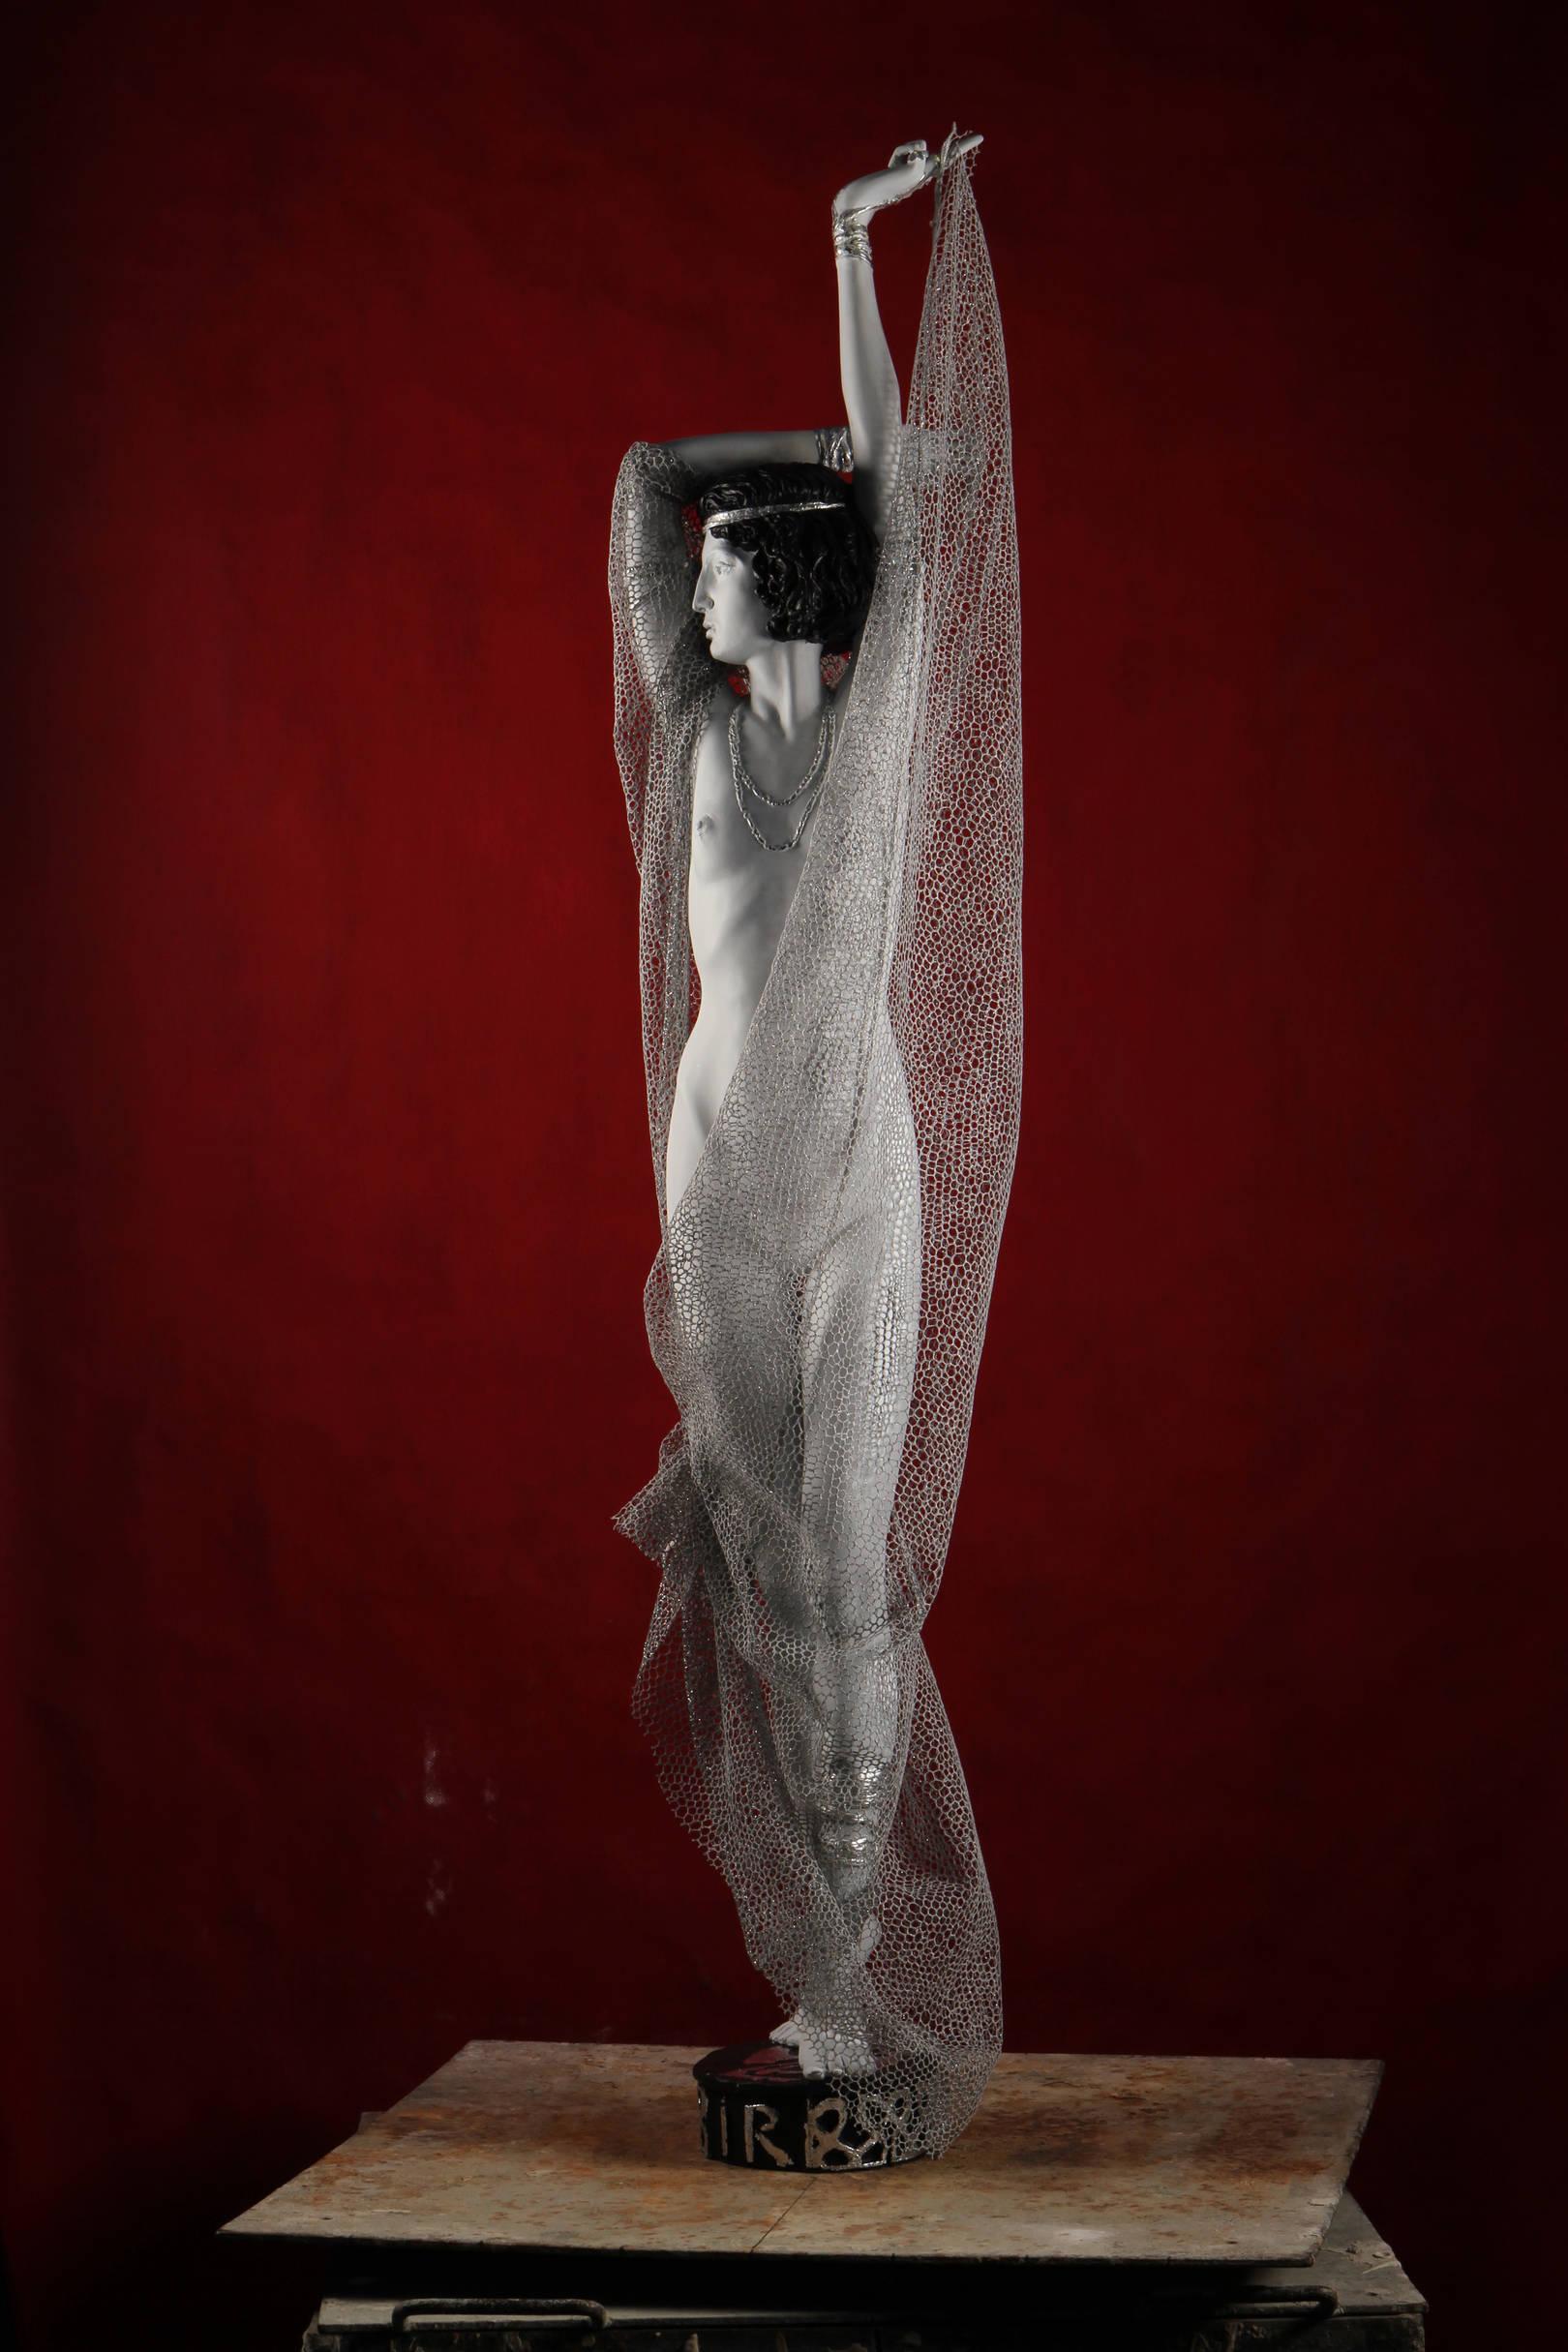 """IDA Rubinstein. The dance of the seven veils. RUBINSTEIN, IDA LVOVNA (1883-1960) was a Russian dancer and actress, her debut in a production of the drama of Oscar Wilde's """"Salome"""" was performed by the Dance of the seven veils: relieving themselves one after another the seven veils, shimmering silver threads, she remained in the final almost completely naked.   Ида Рубинштейн. Танец семи покрывал. РУБИНШТЕЙН ИДА ЛЬВОВНА (1883-1960) — российская танцовщица и актриса, ее дебют в постановке по драме Оскара Уайльда «Саломея» состоял в исполнении Танца семи покрывал: сбрасывая с себя одно за другим семь покрывал, переливающихся серебряными нитями, она оставалась в финале почти полностью обнаженной. Замершая в выразительной фигуре танца Ида Рубинштейн изображена, очевидно, в финальной части своего выступления, когда из семи укутывающих ее покрывал, осталось последнее, почти не скрывающее обнаженного тела актрисы."""